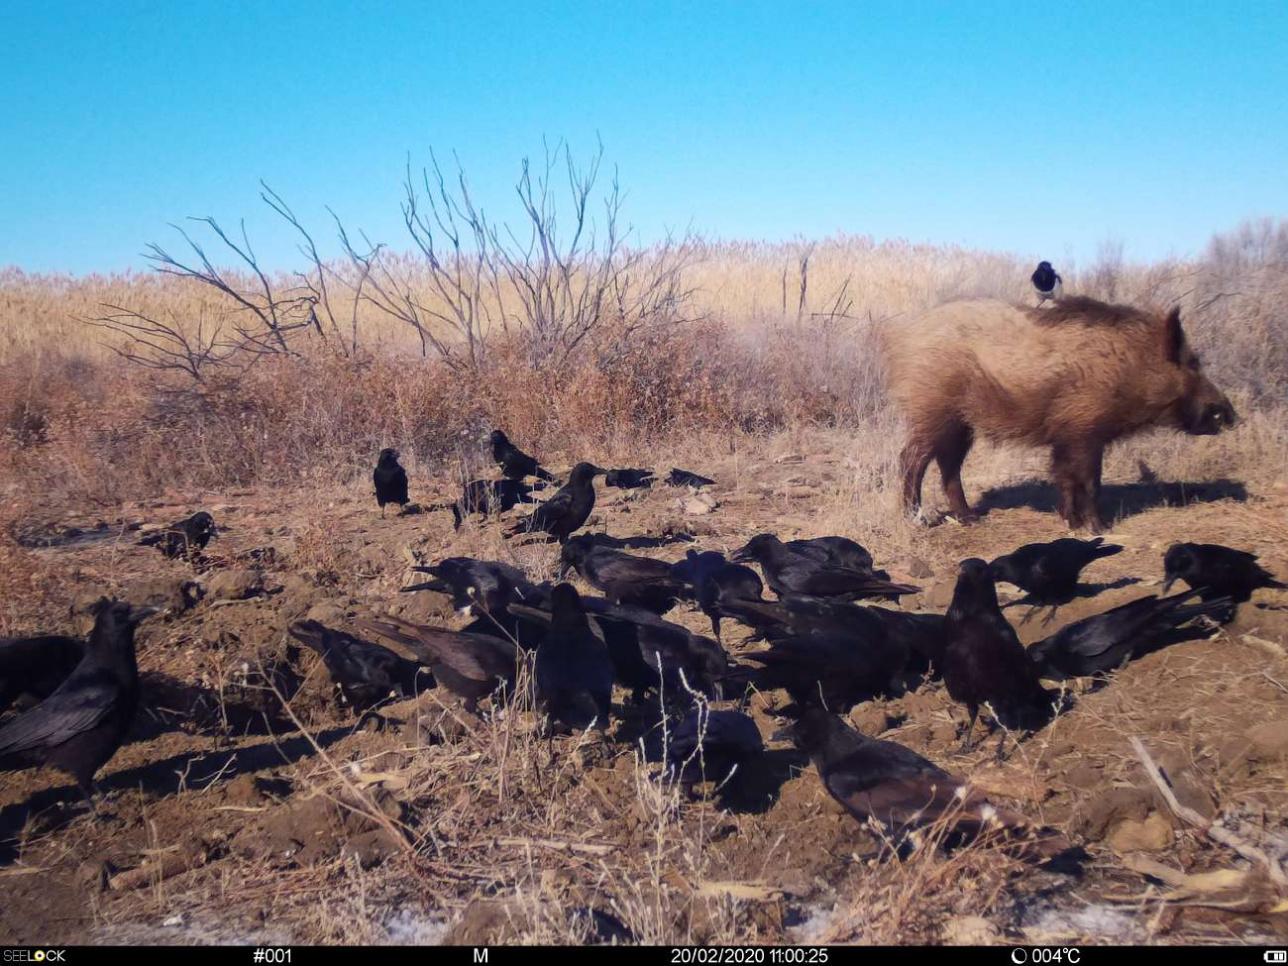 Снимки с фотоловушек показывают, что кабан, на самом деле, очень забавное животное